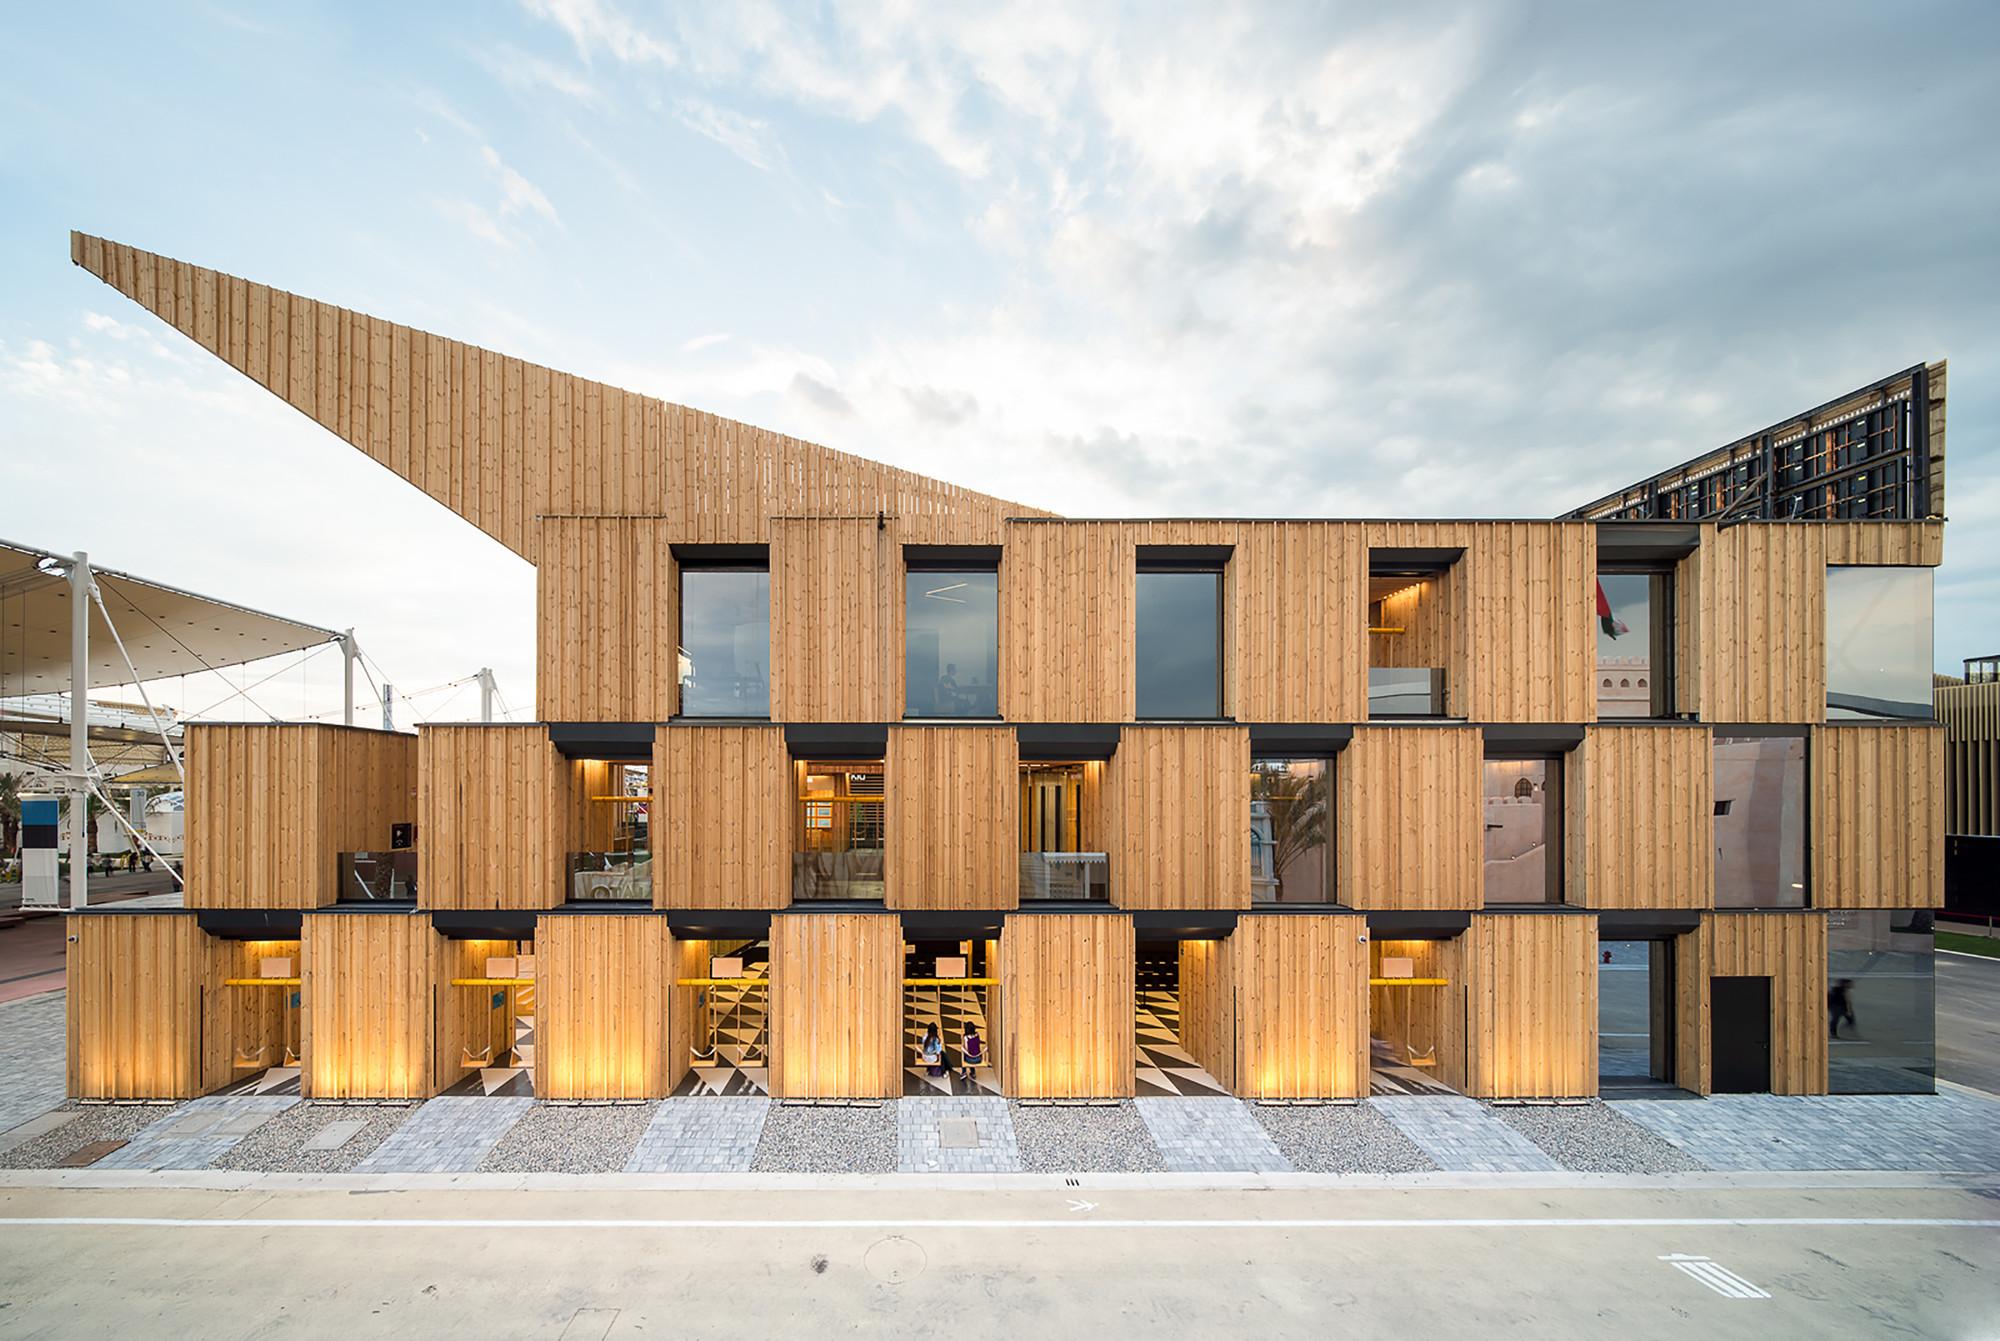 Estonian Pavilion Expo Milano 2015  / Kadarik Tüür Arhitektid, © Filippo Poli